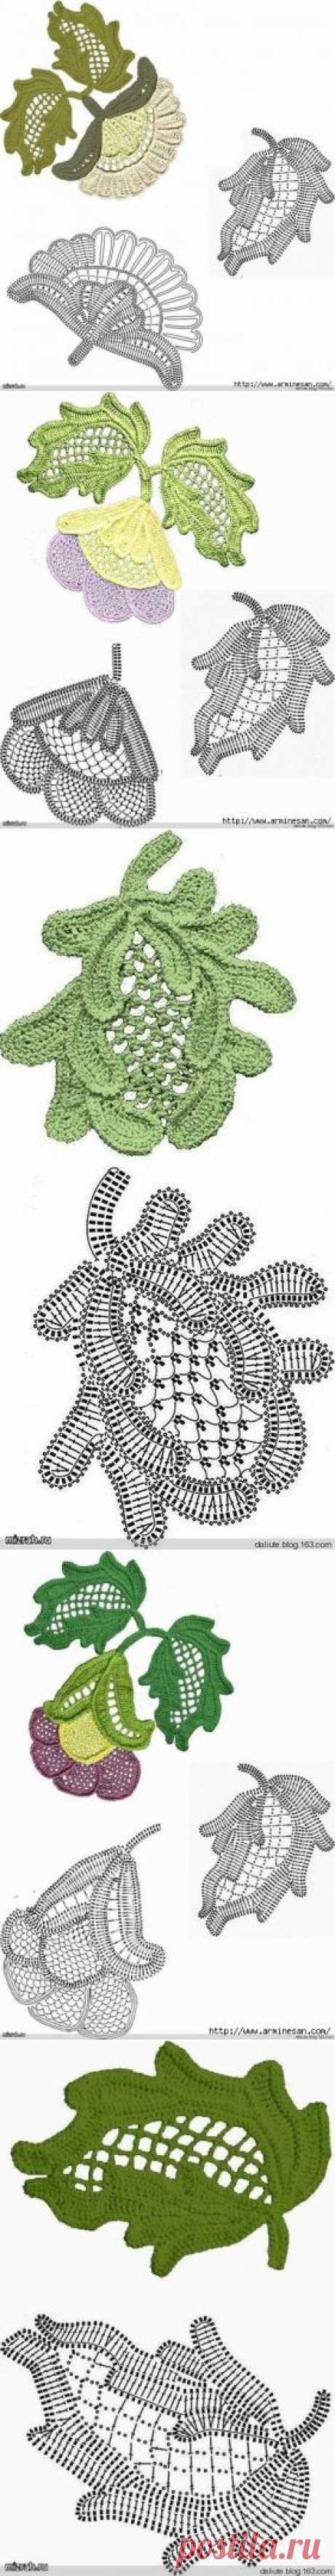 Цветы и листья для ирландского кружева.